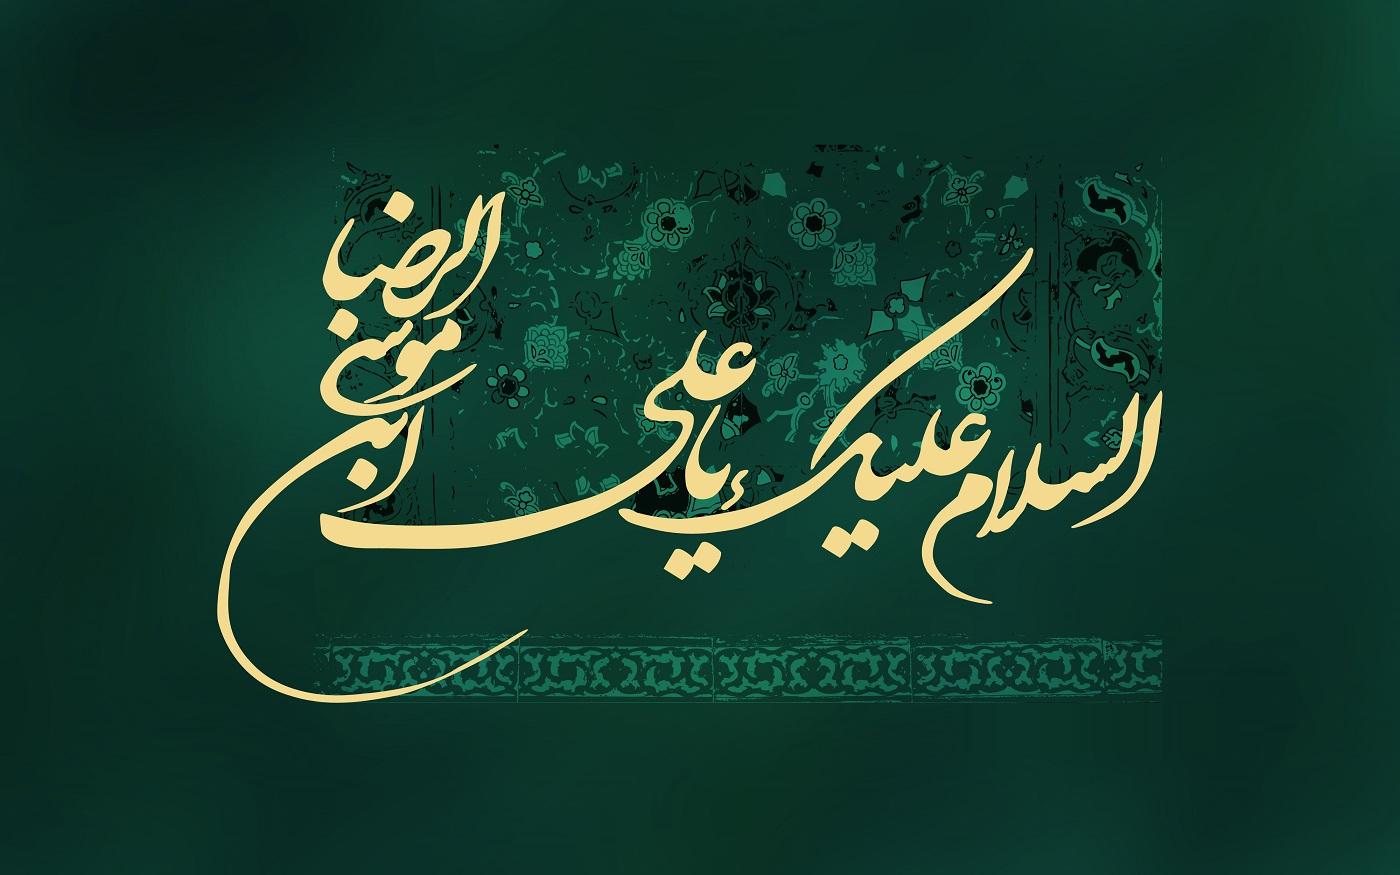 imam_reza_by_montazerart__shiapics_ir_20111006_1637807651